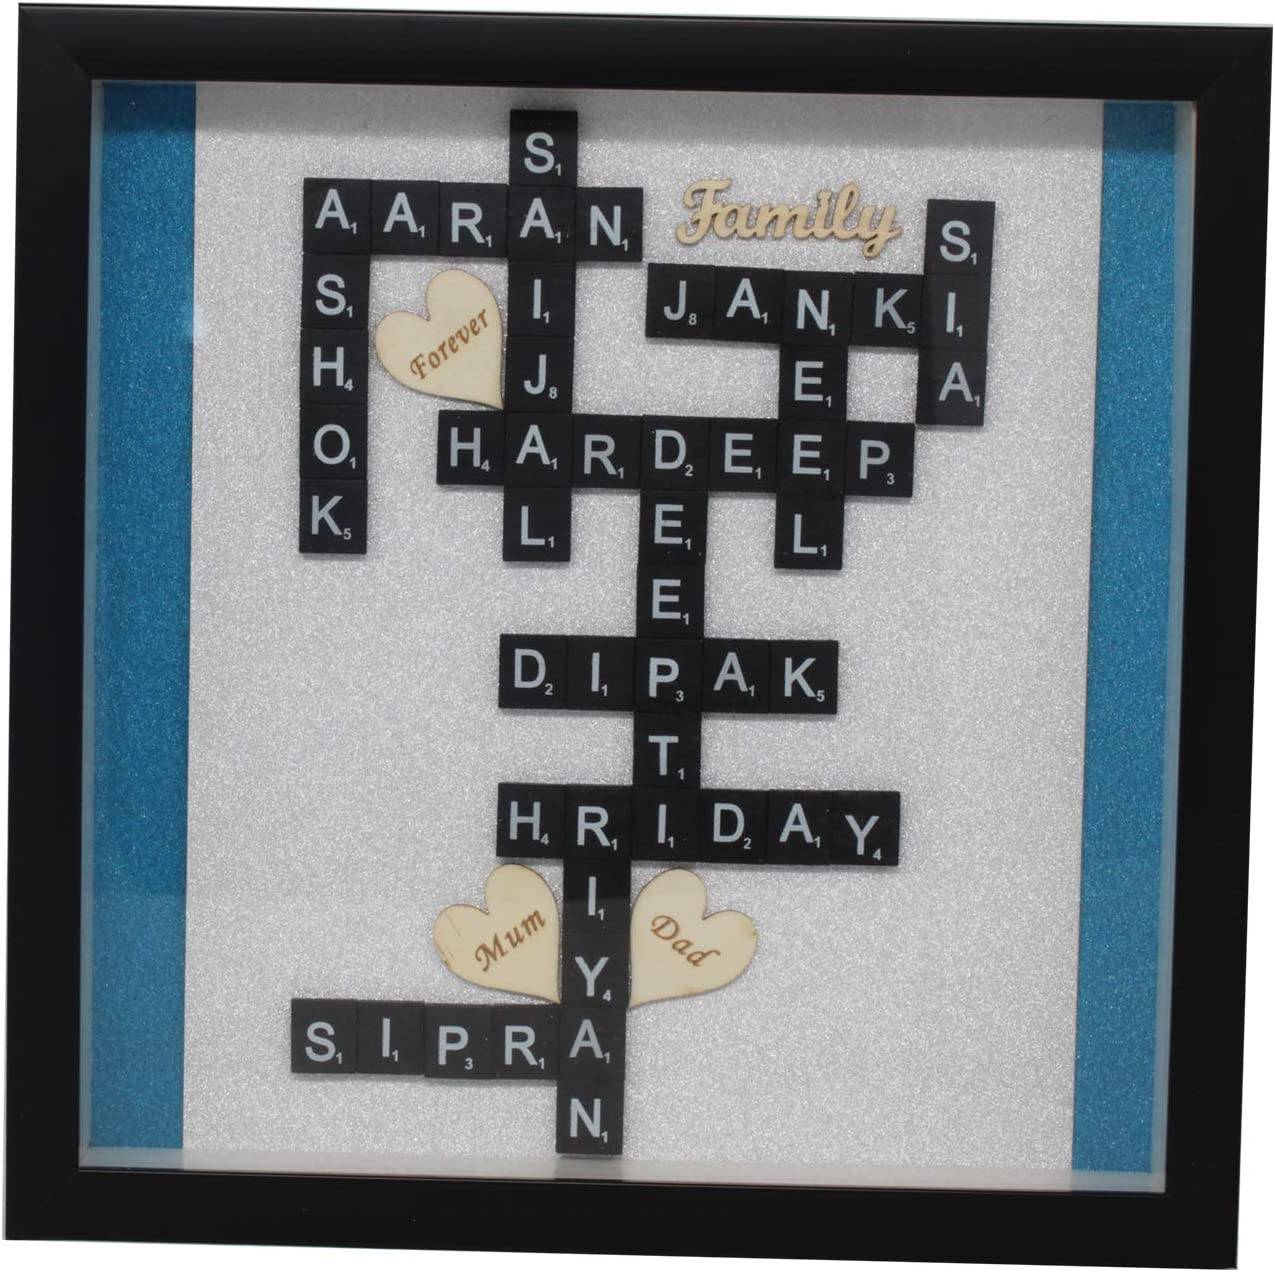 Trimming Shop Personalizado Madera Marco con Scrabble Letras, Purpurina Papel, Personalizar Nombre para Regalar, Pared Decorativa - Frm29: Amazon.es: Hogar